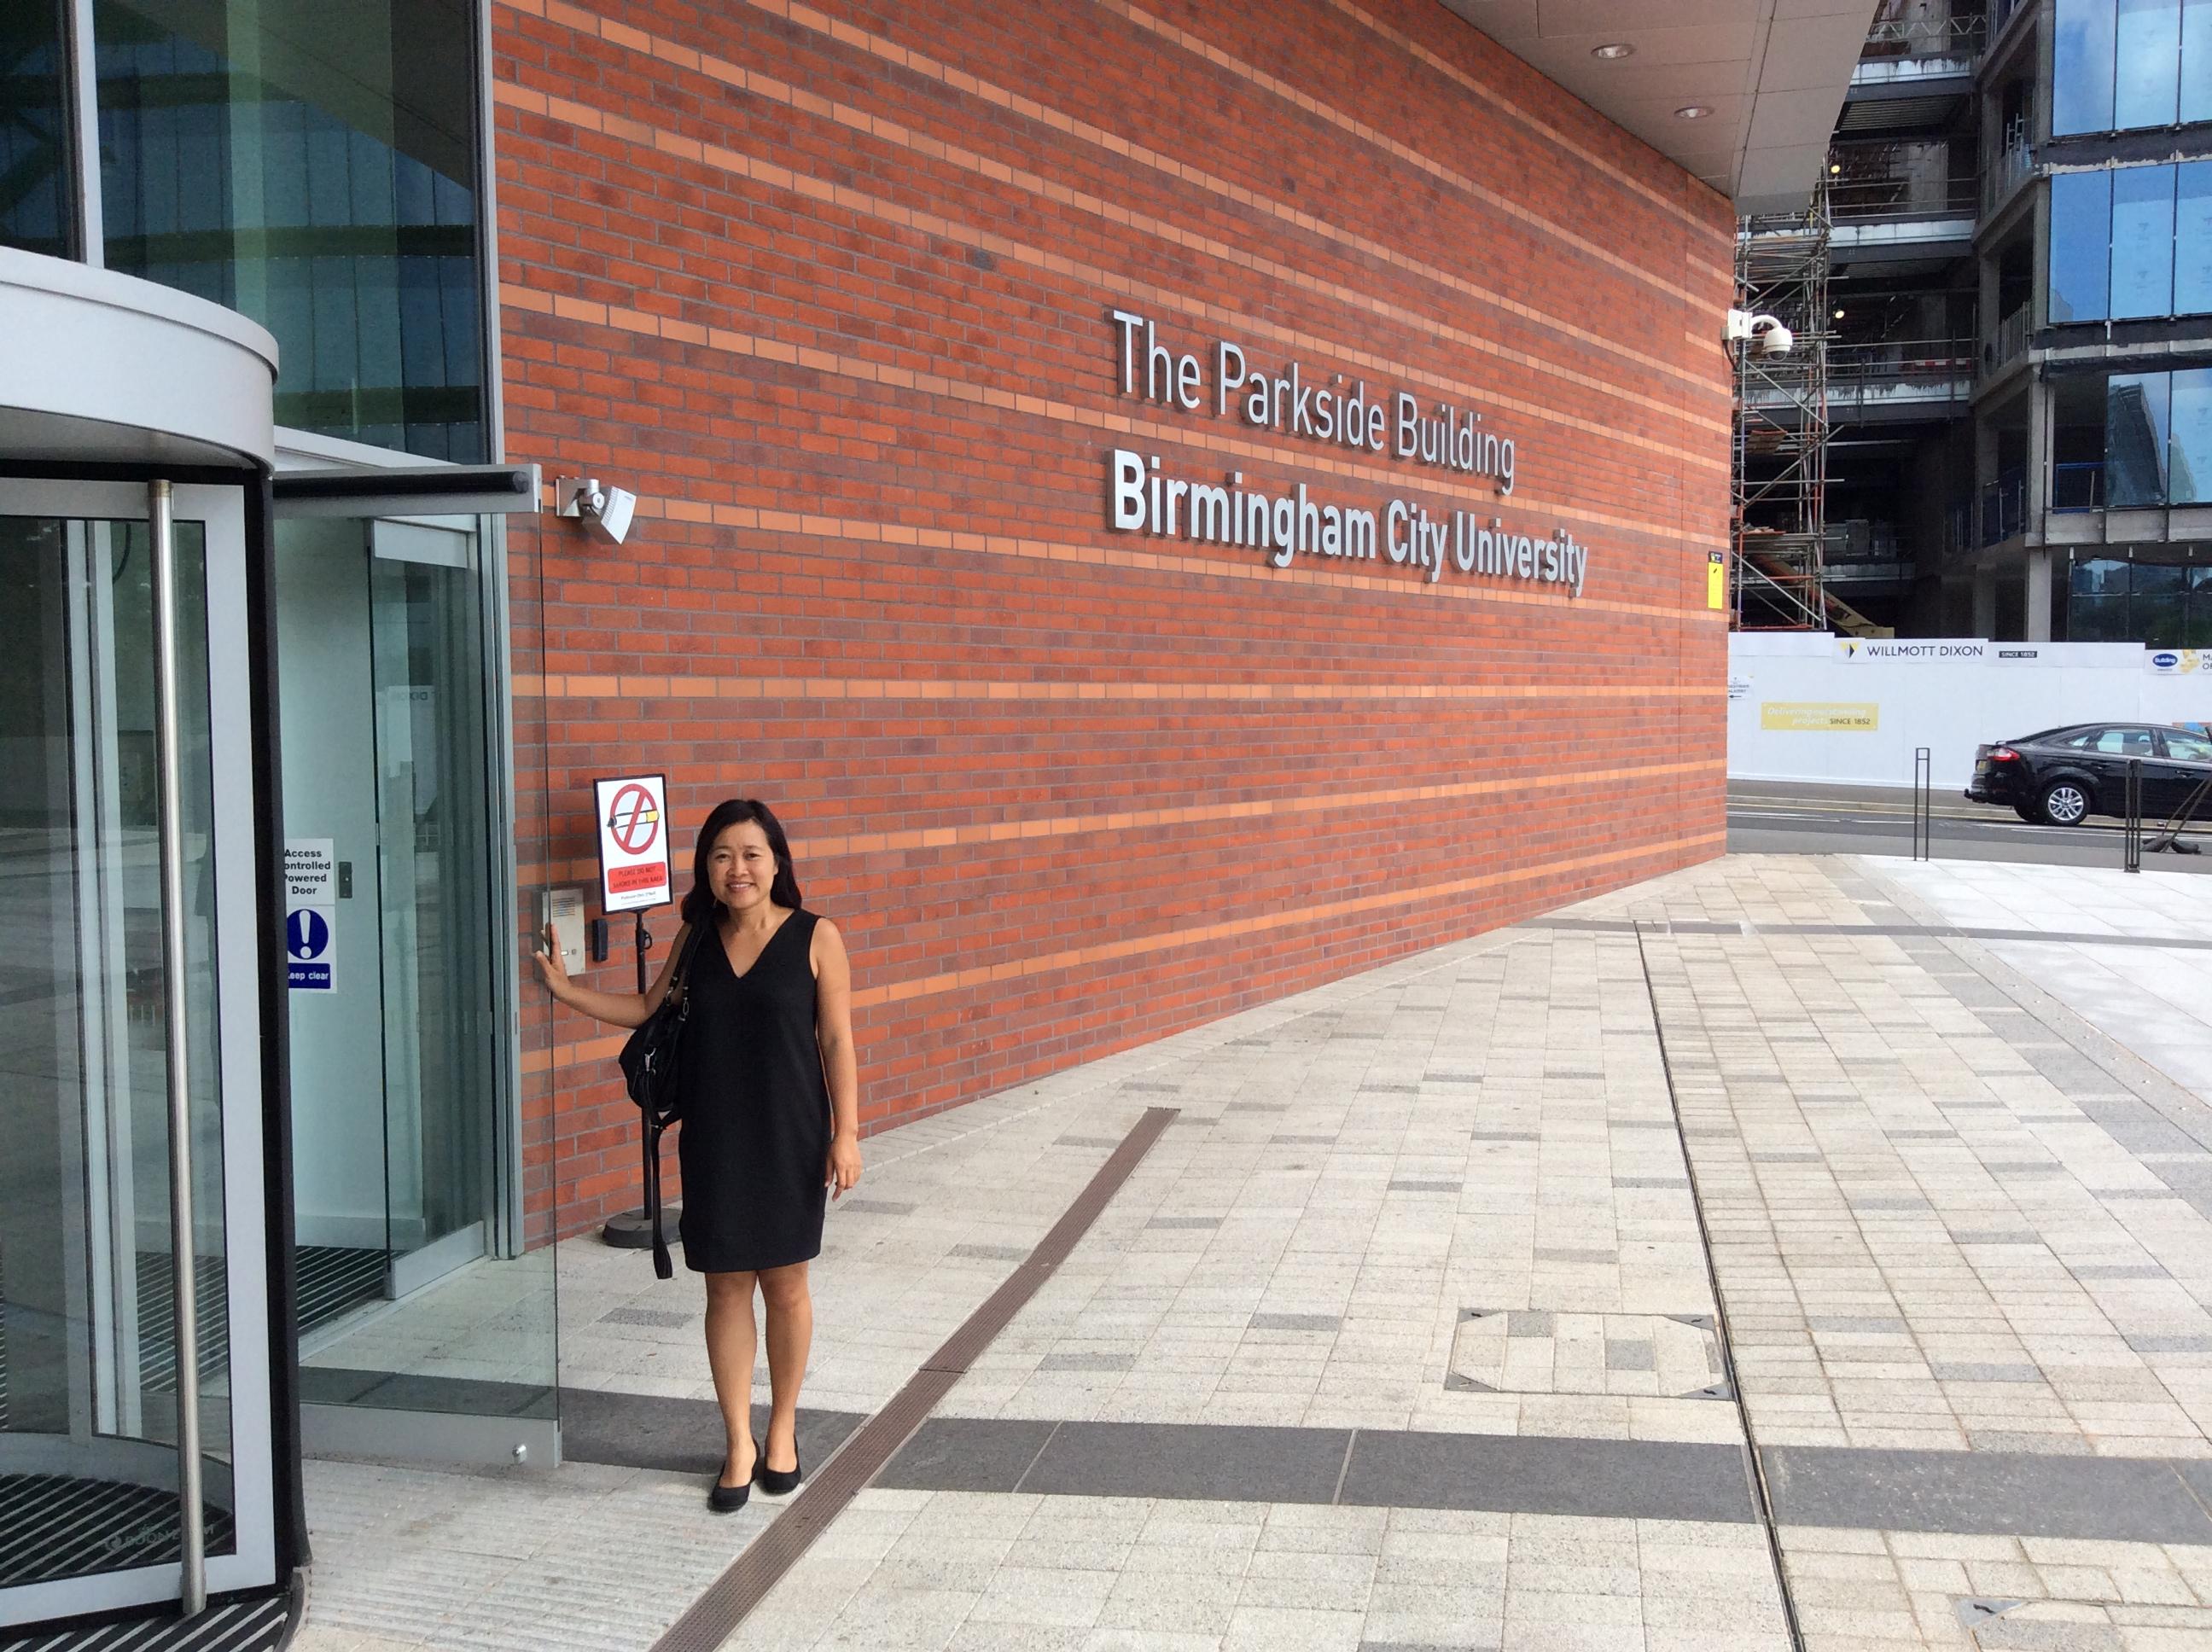 Đại học Birmingham City University dành cho các bạn muốn du học Anh tại môi trường dễ hoà nhập